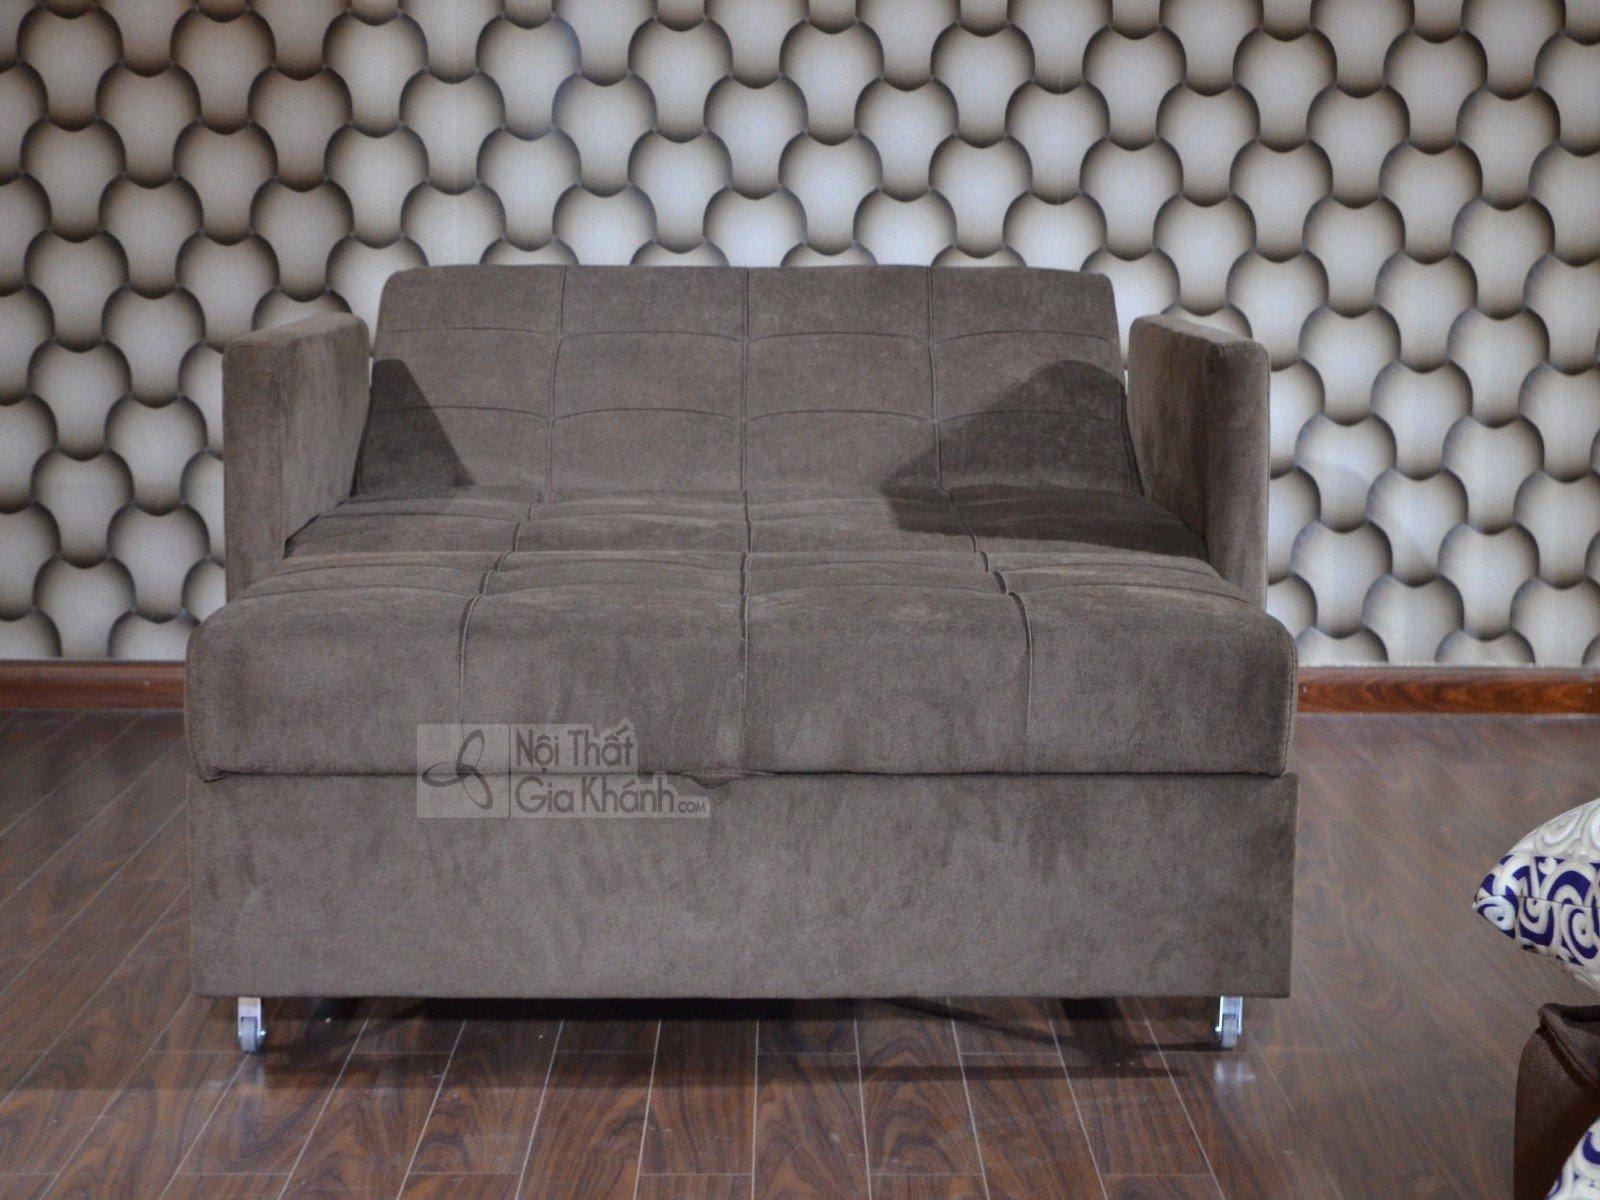 Sofa đa năng - Sofa giường - Sofa bed mã SF161-7 - sofa da nang SF161 7 9